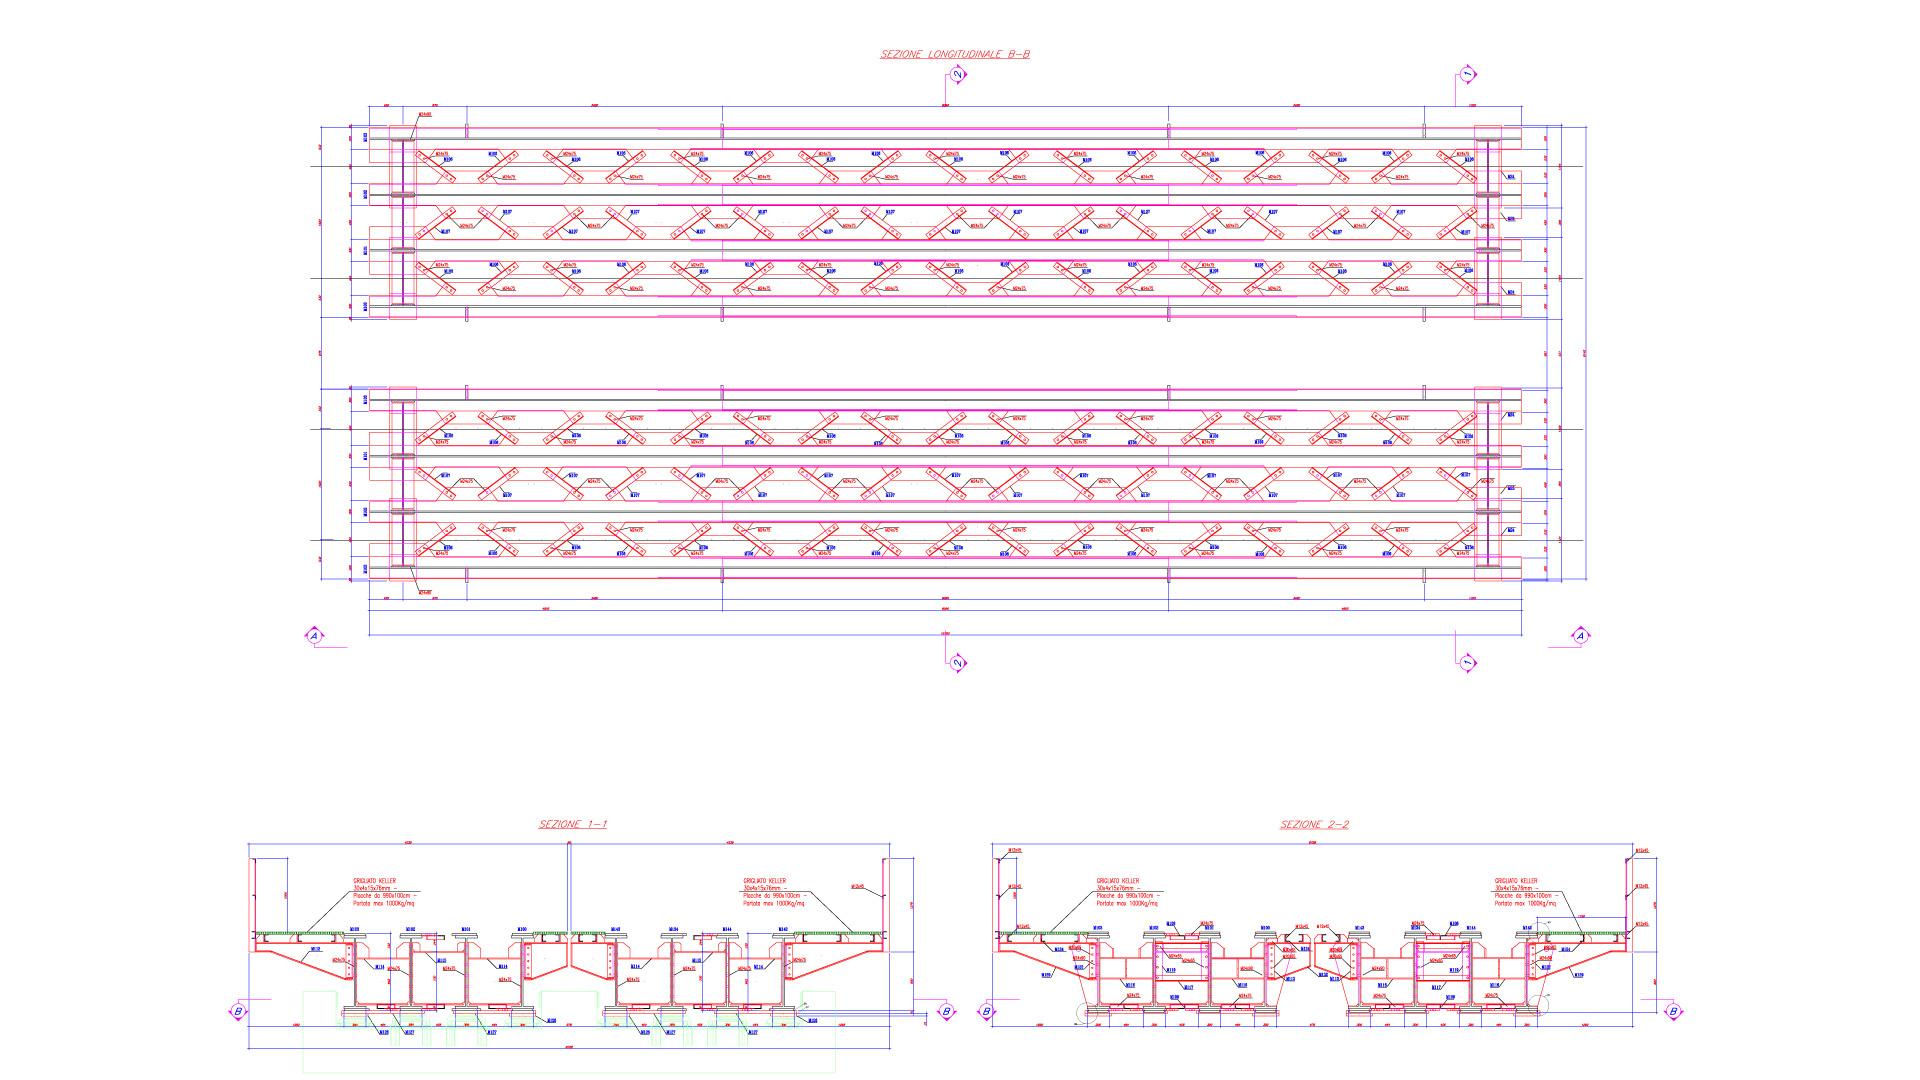 ponte-ferroviario-progetto-fiume-cavata-metal-engineering-carpenteria-civile